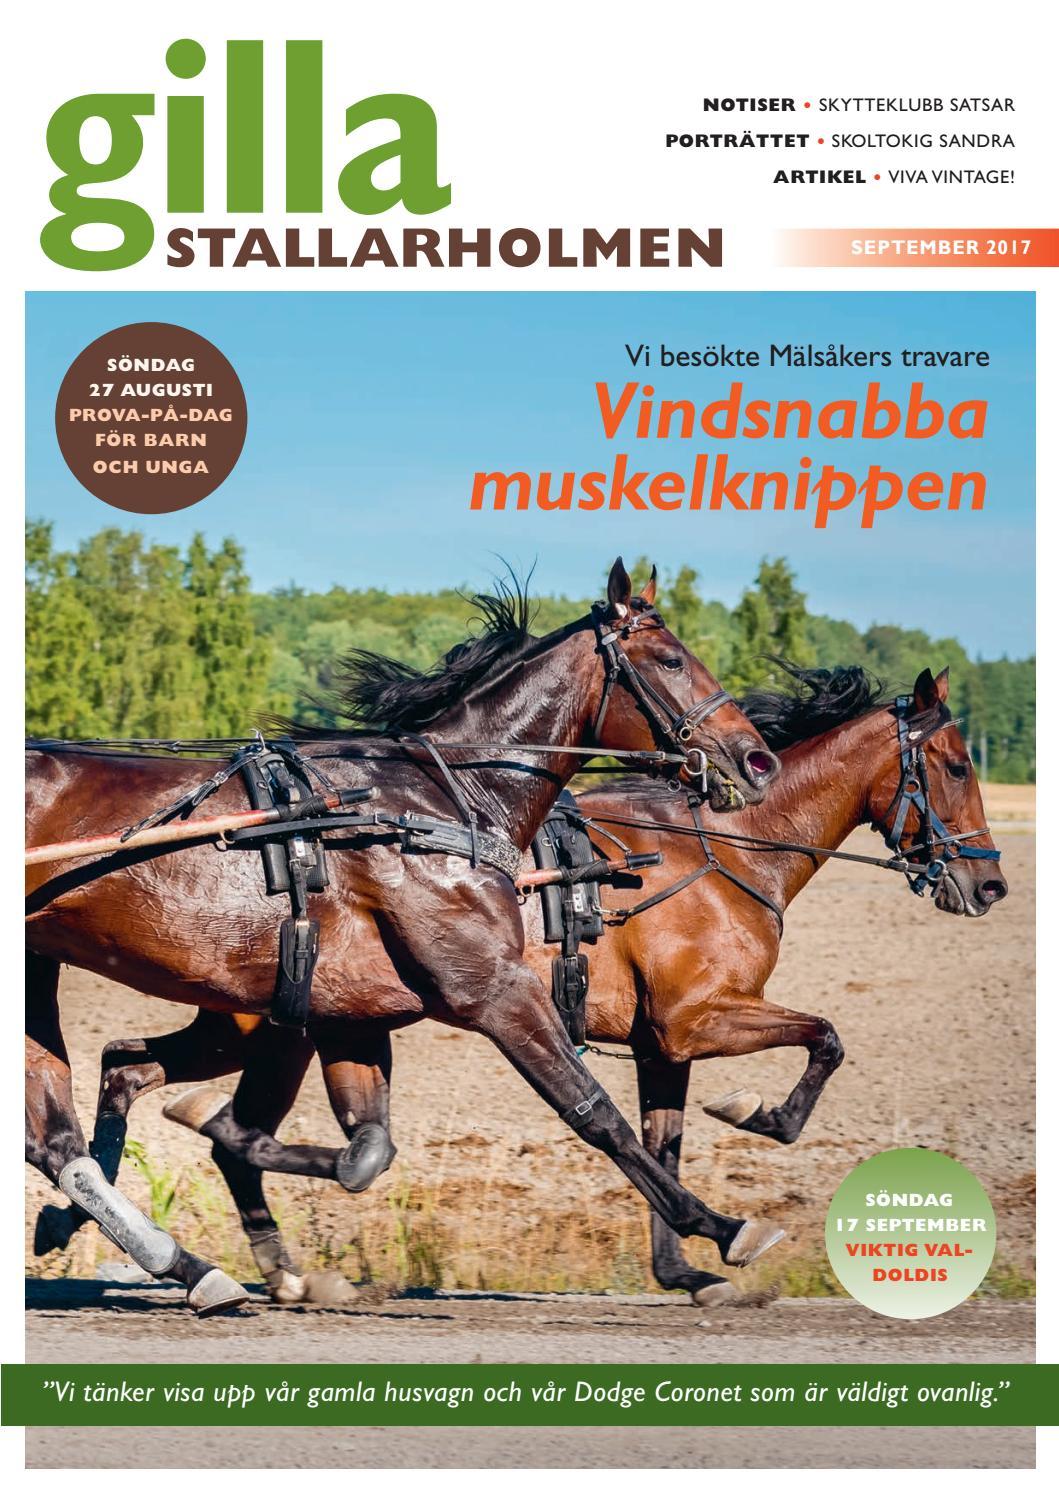 Anna-Karin Bauer, Tuna Nergrd 2, Stallarholmen | satisfaction-survey.net